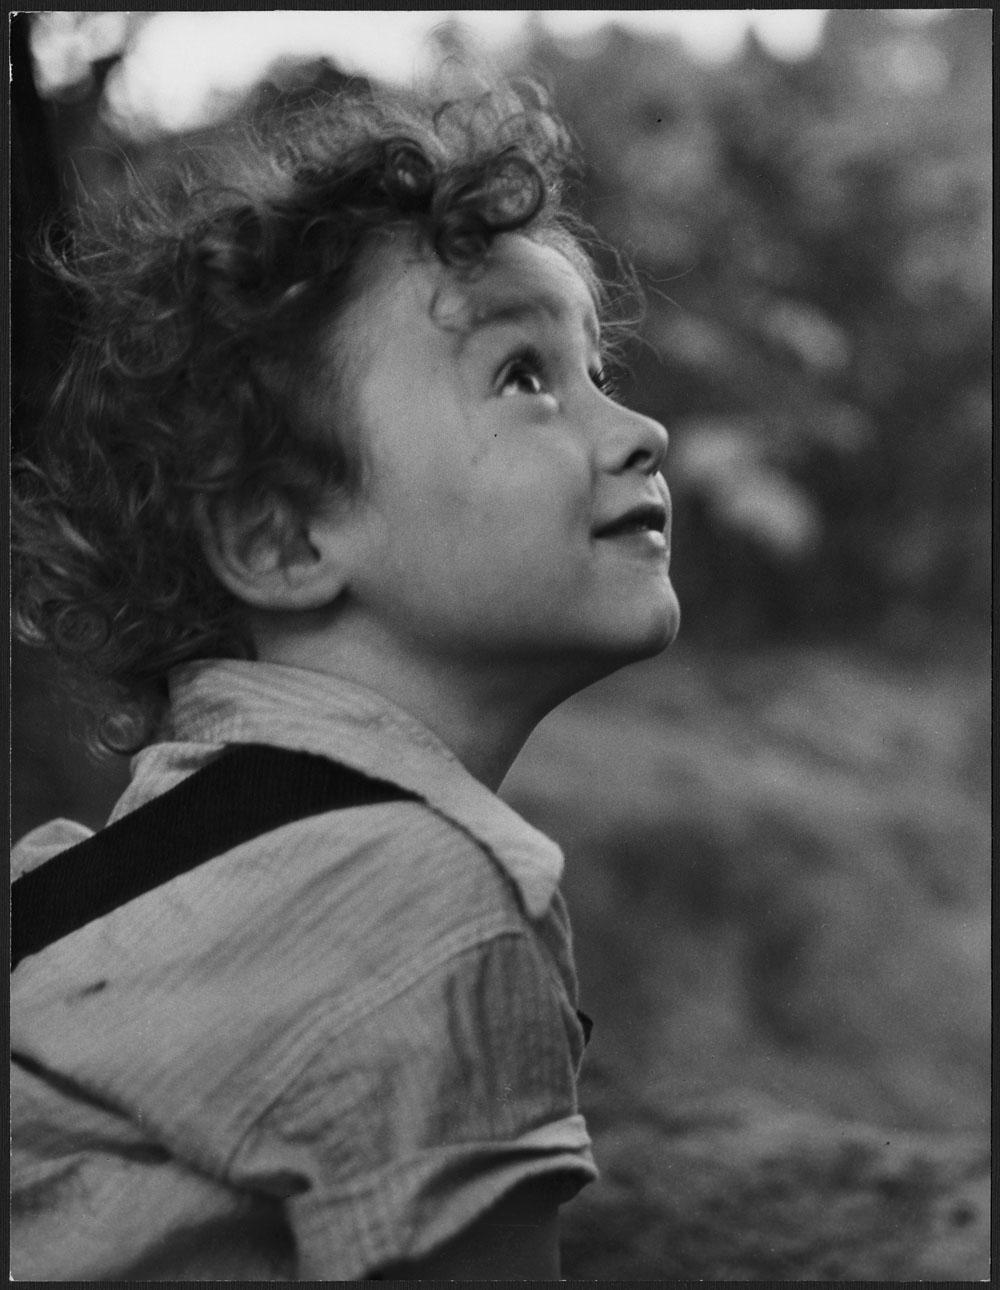 Jeune immigrant fran\u00e7ais, Toronto, 1955